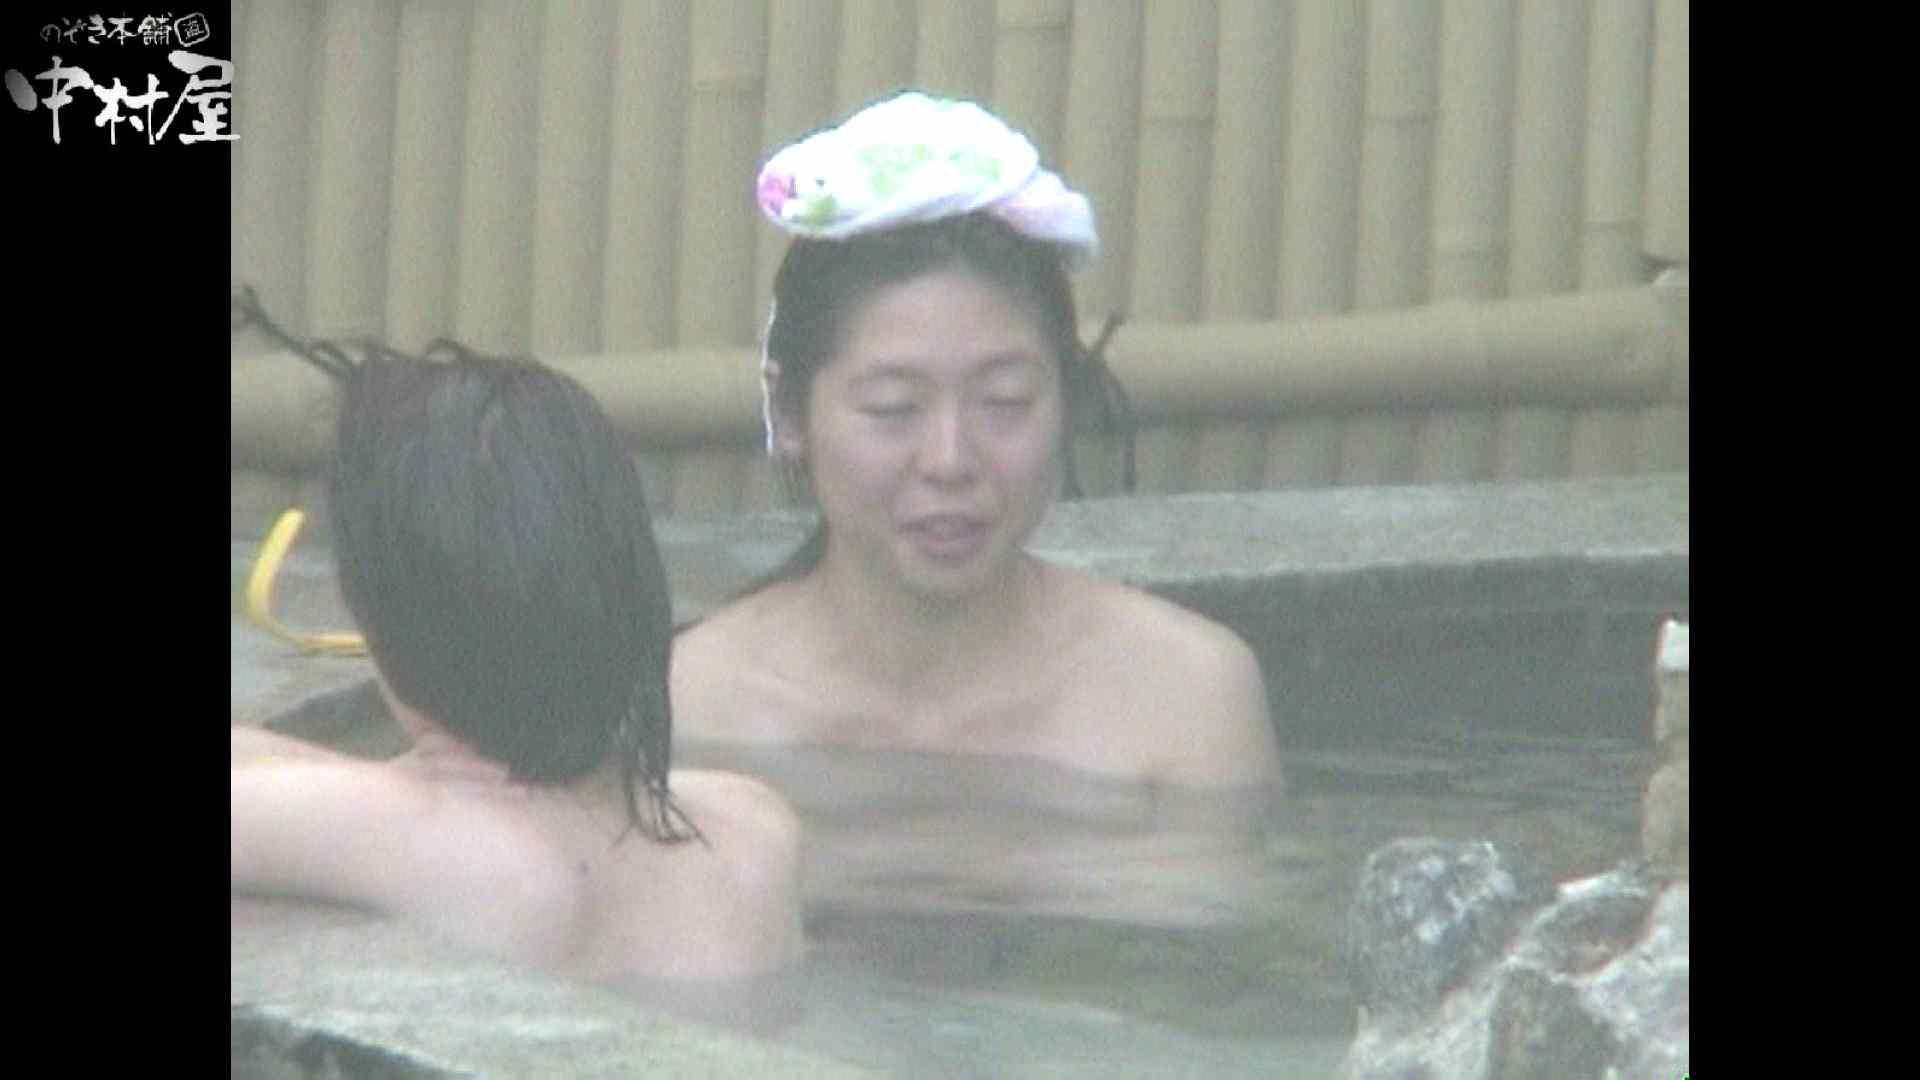 Aquaな露天風呂Vol.932 女体盗撮 のぞきおめこ無修正画像 82連発 47